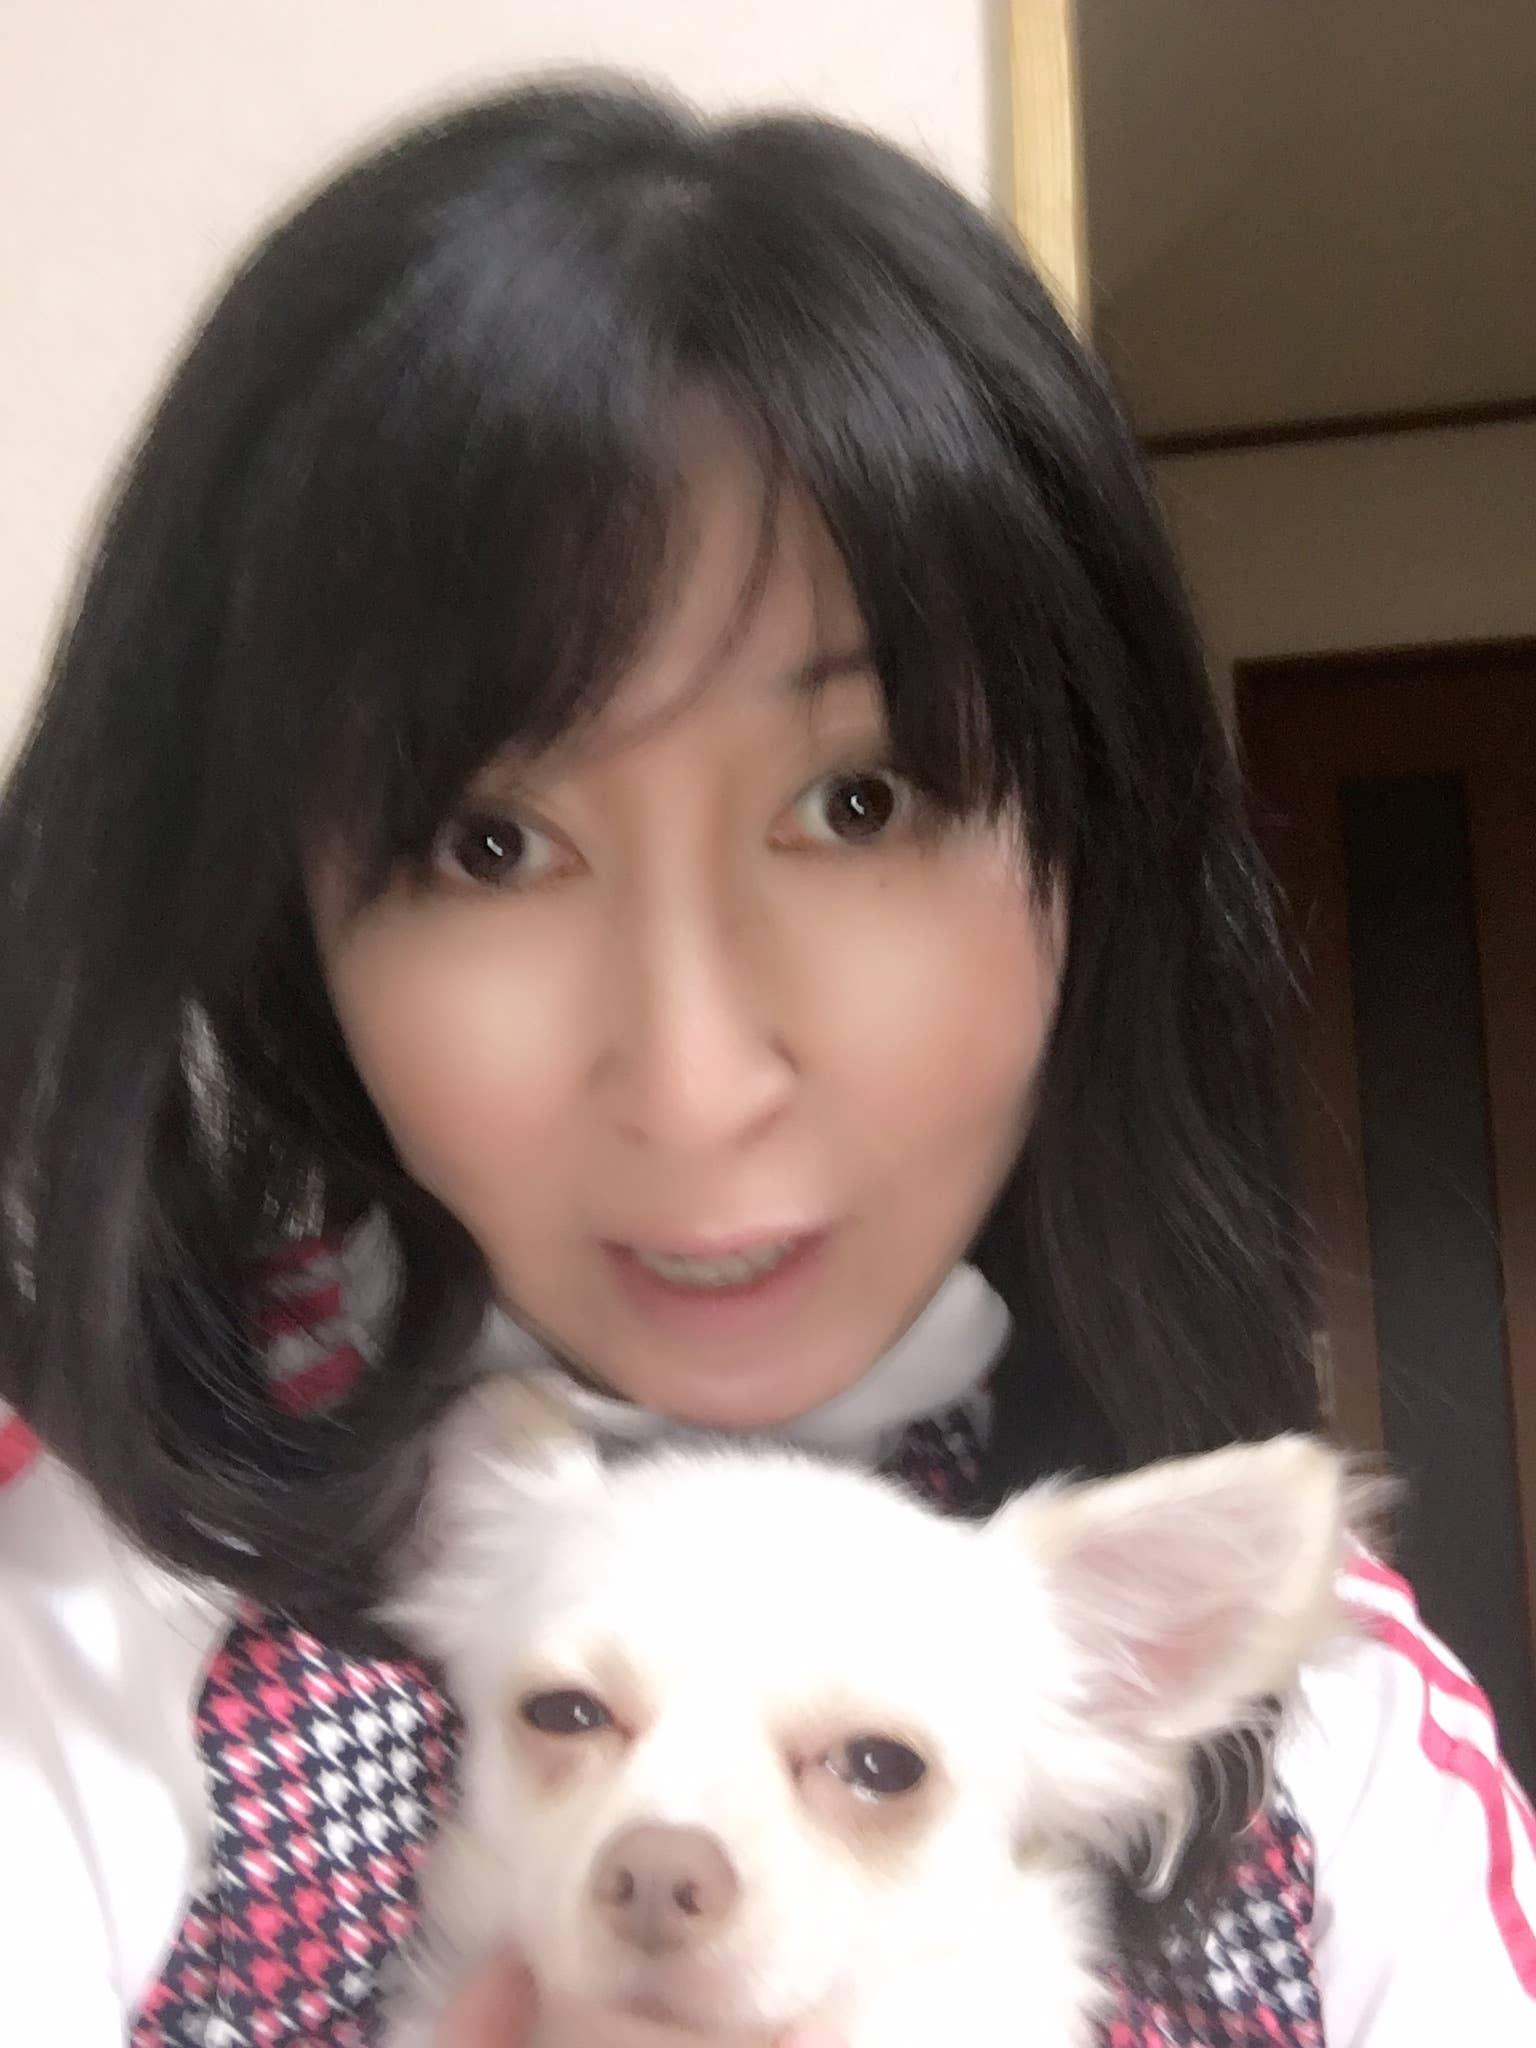 Mayumi.Ikegai